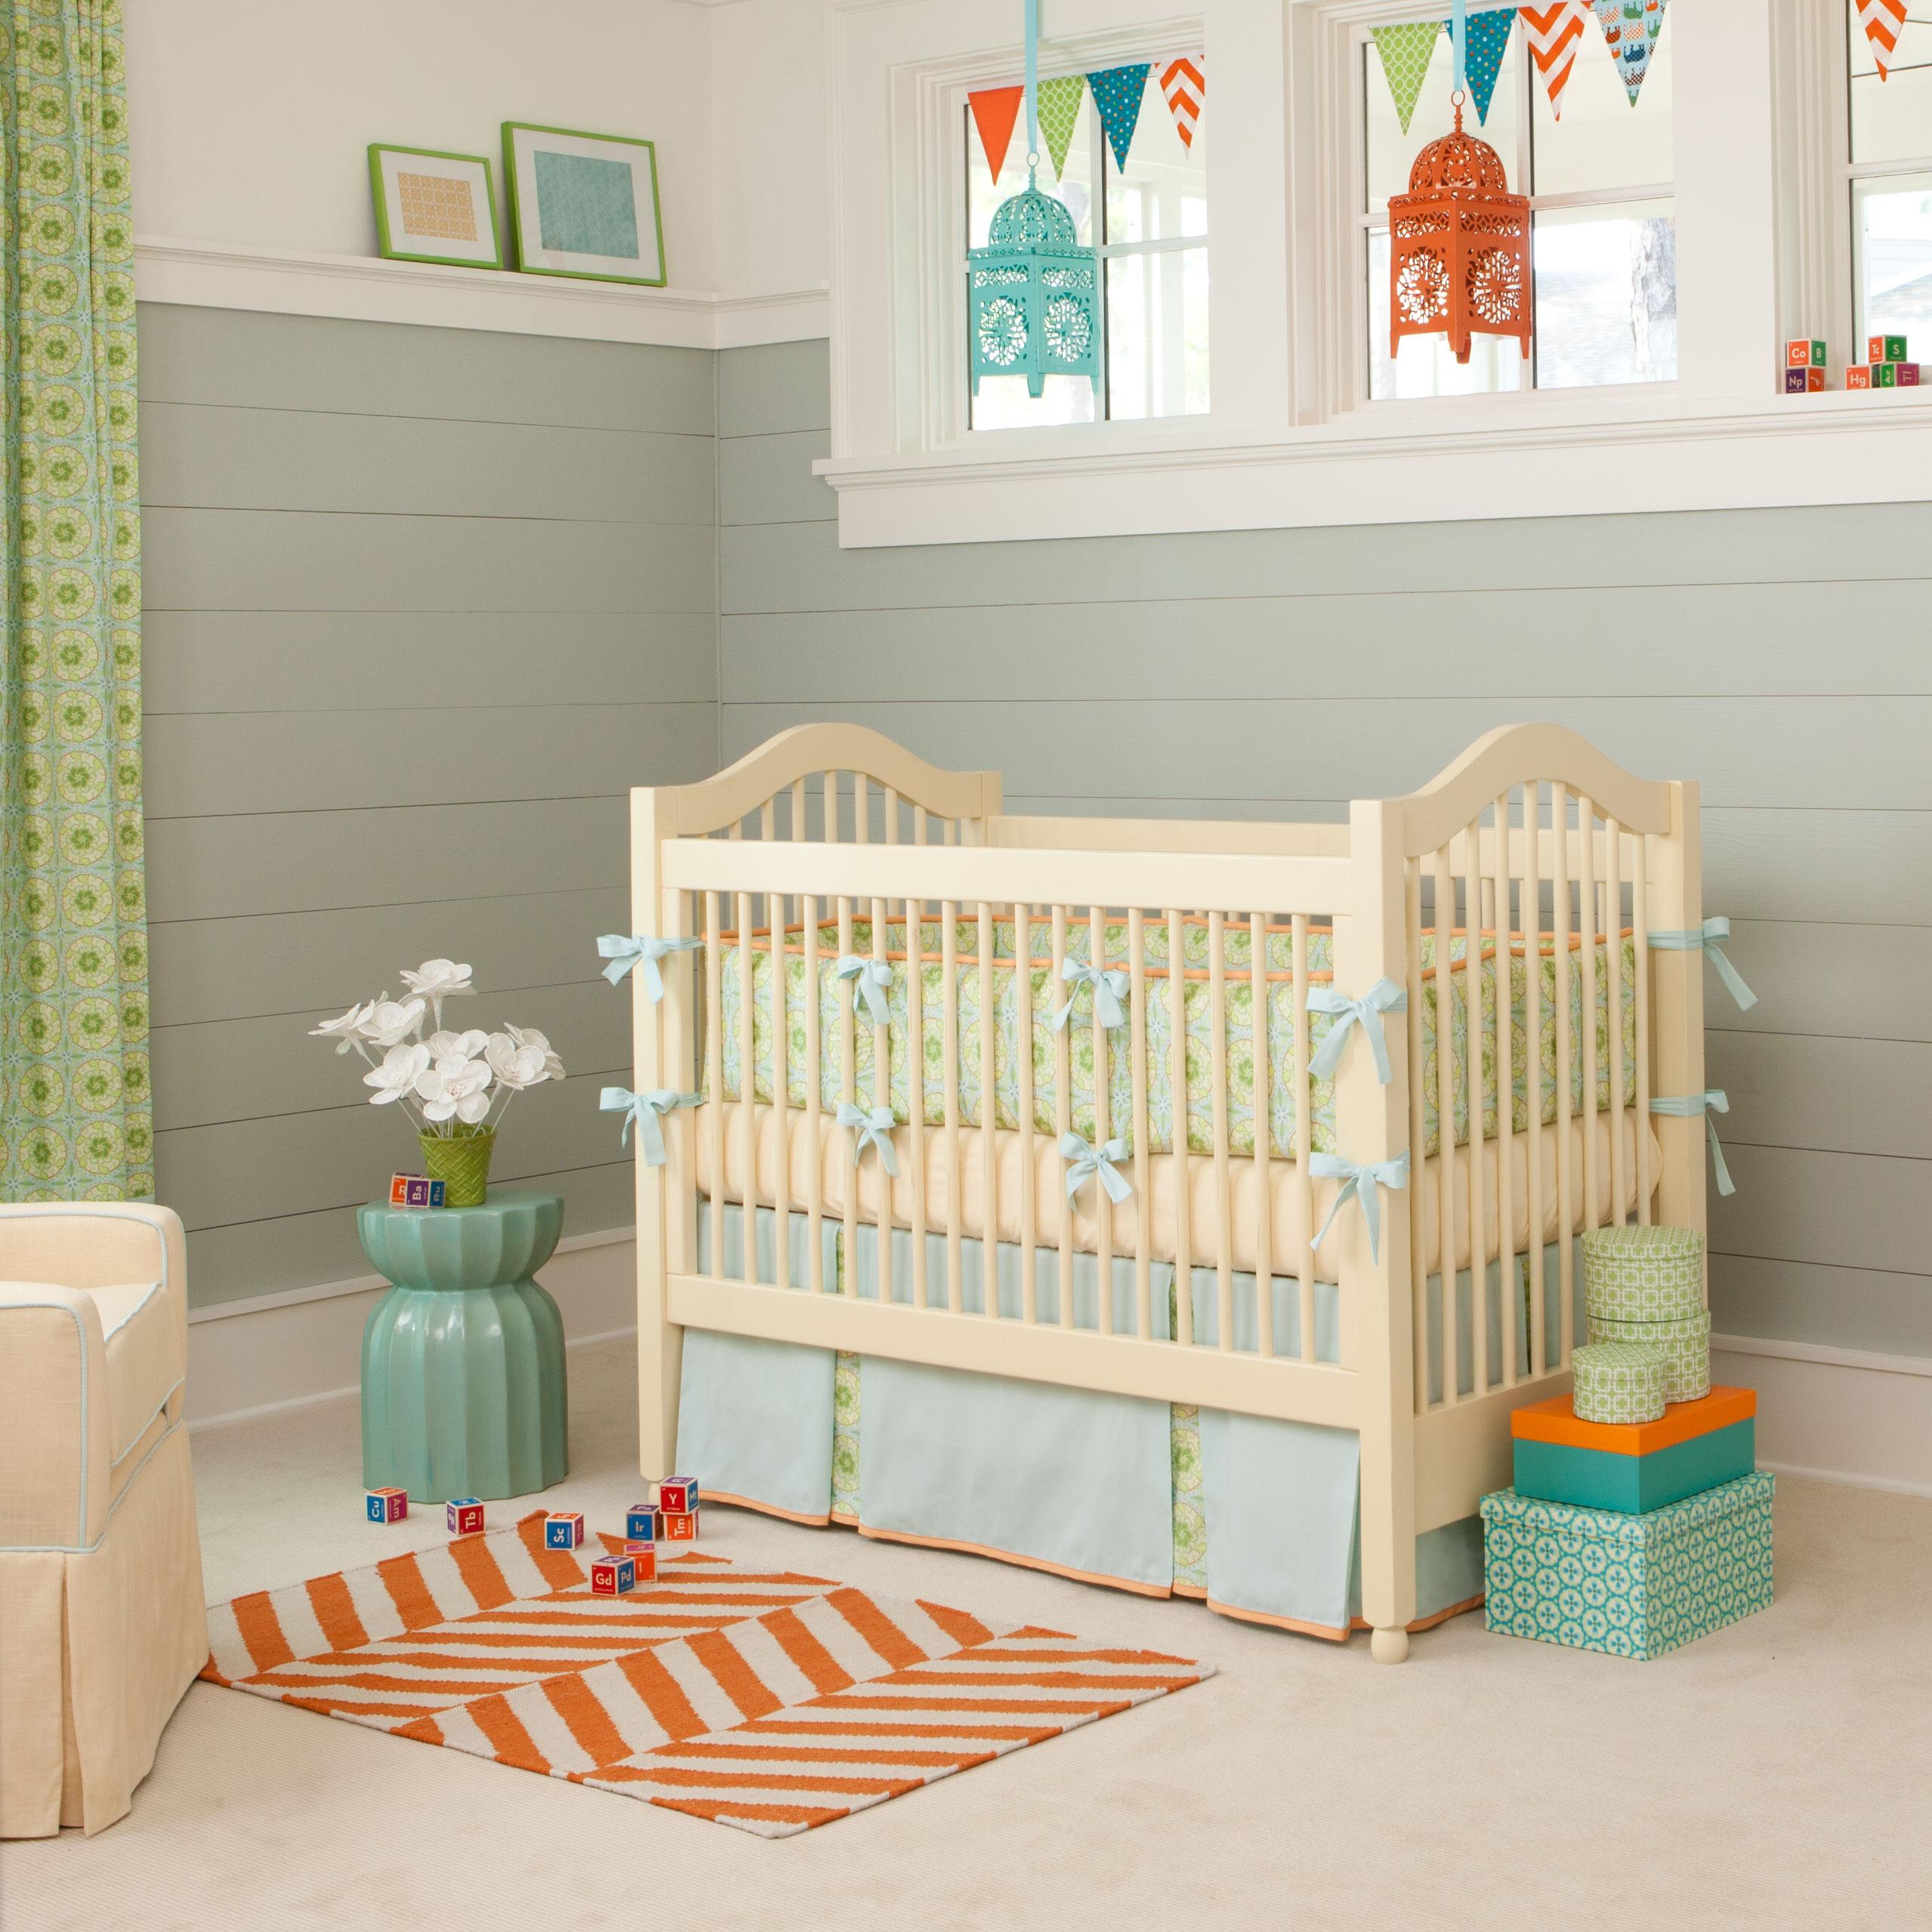 Детская комната в стиле прованс для маленького ребенка